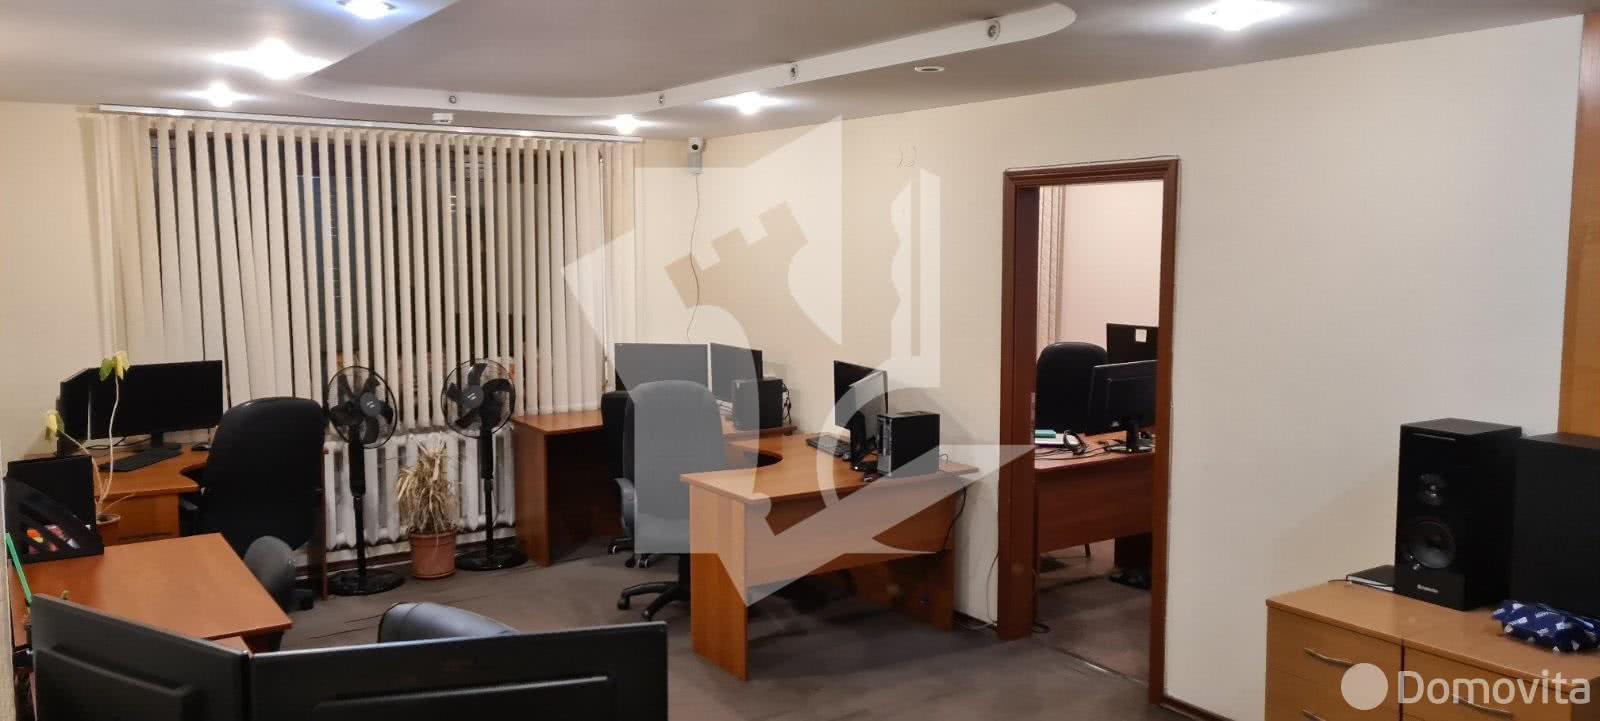 Аренда офиса на ул. Захарова, д. 50В в Минске - фото 3